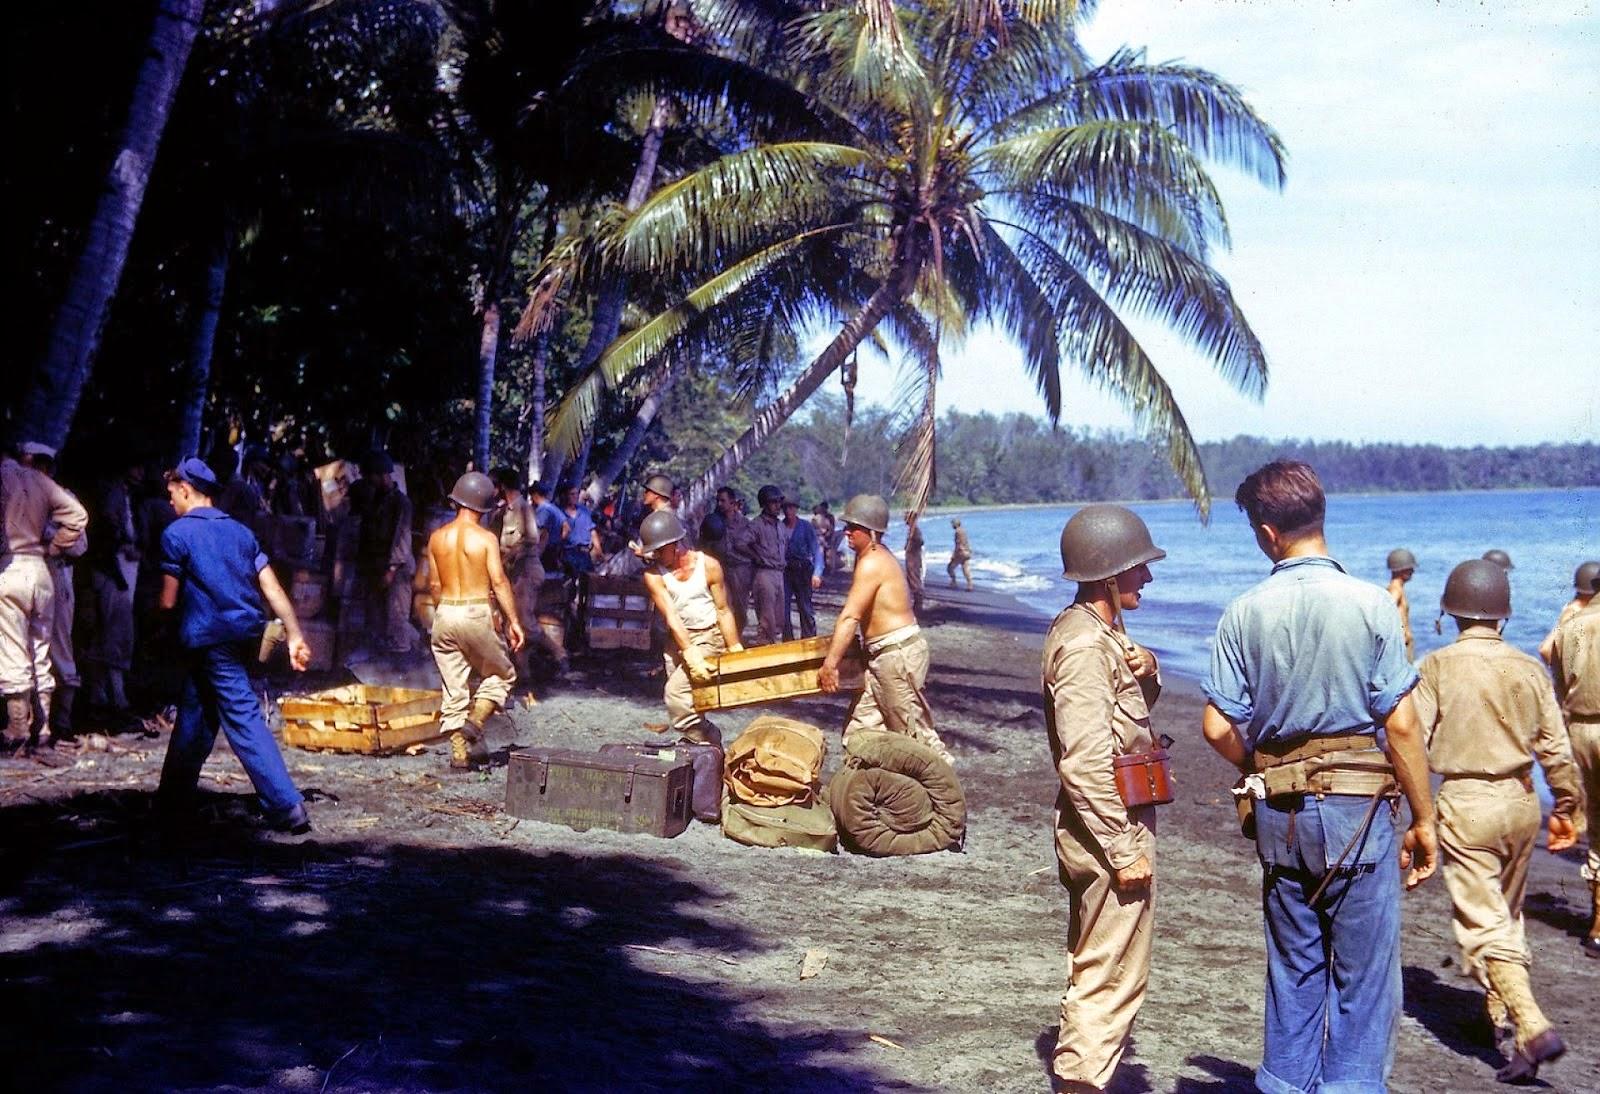 http://2.bp.blogspot.com/-k0DZQV3tpkA/VLaZtkSV42I/AAAAAAABOJo/ibpXNkuJfpU/s1600/Rare+Color+Photographs+from+World+War+II+(11).jpg